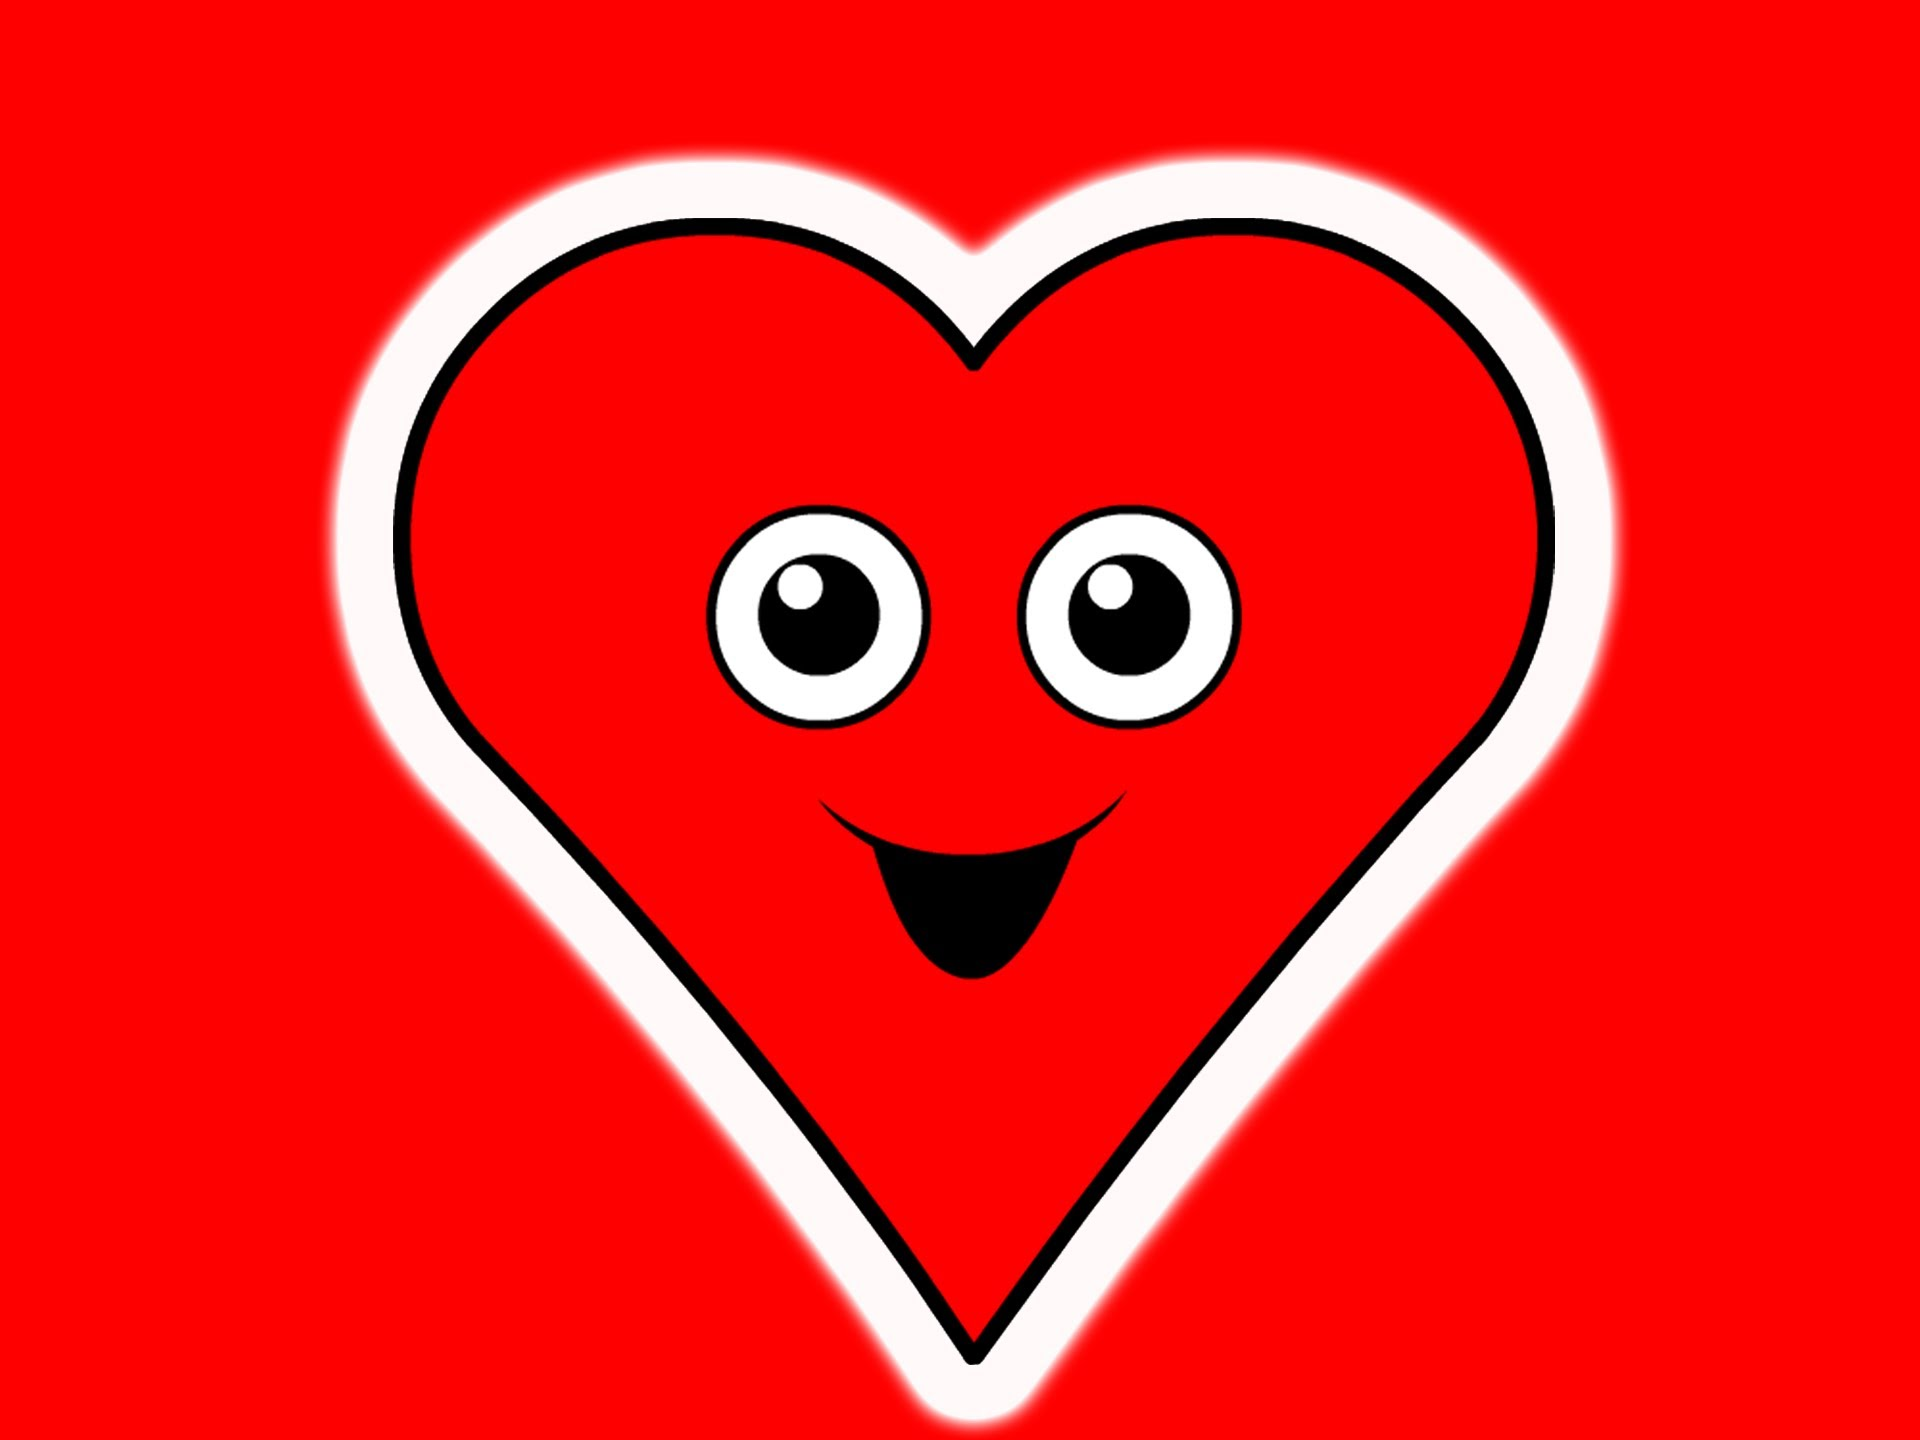 Free Preschool Heart Cliparts Download Free Clip Art